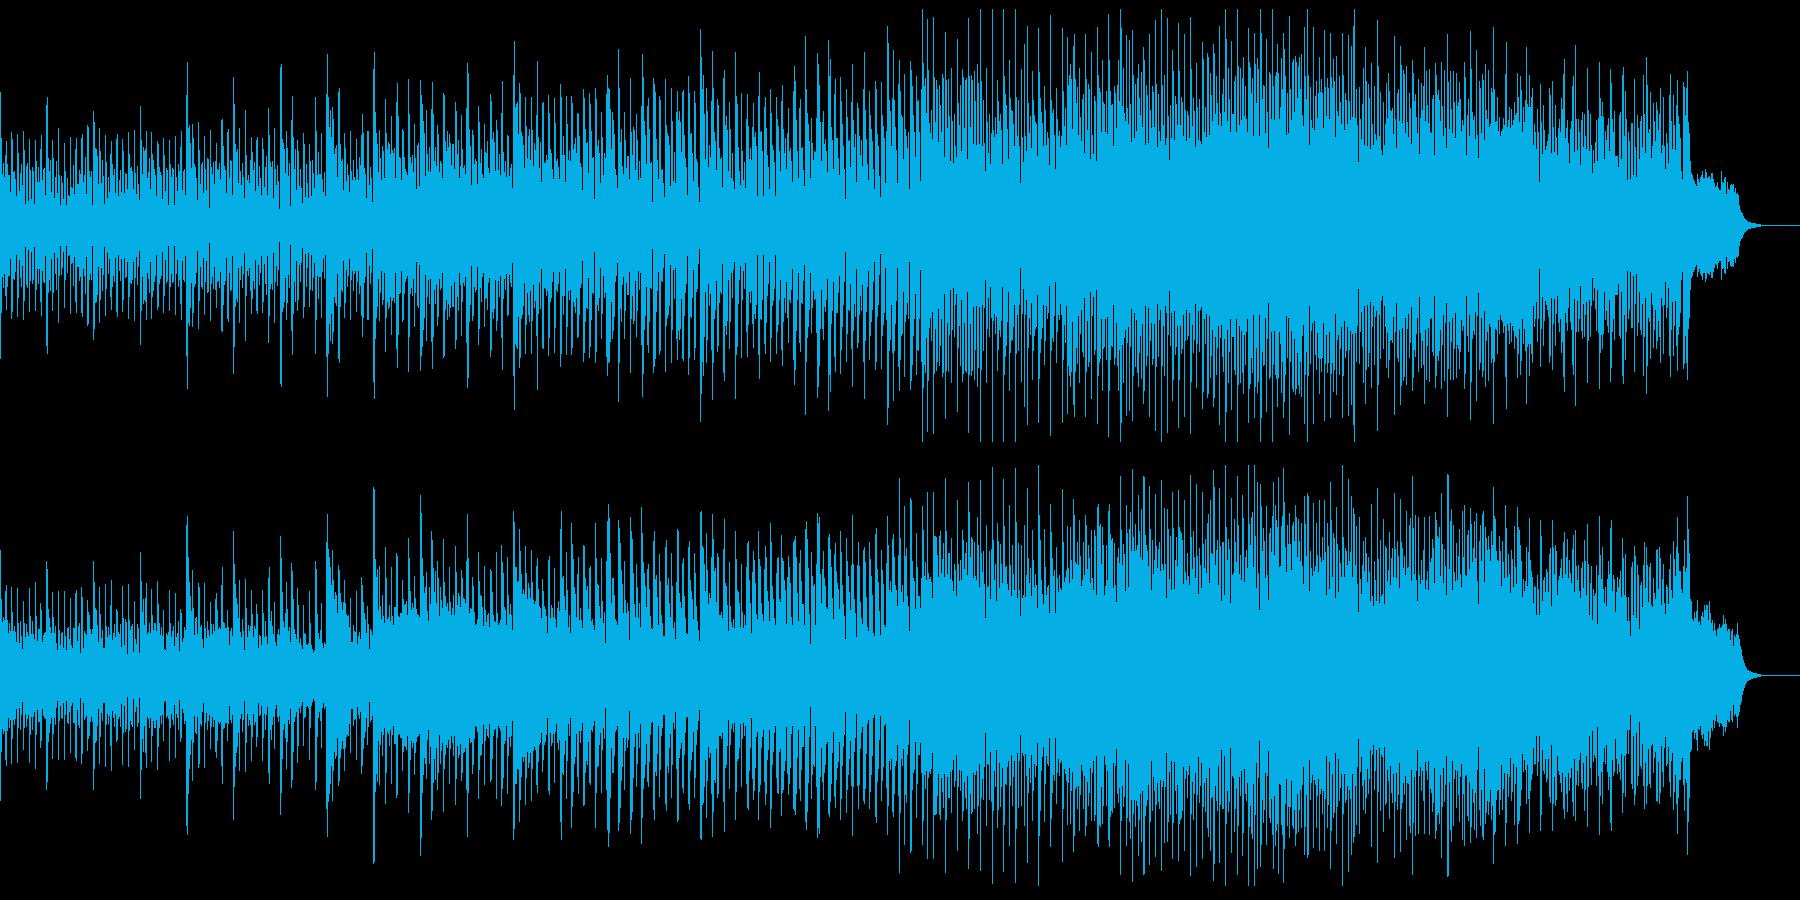 徐々に展開していく、楽しくほのぼのした曲の再生済みの波形